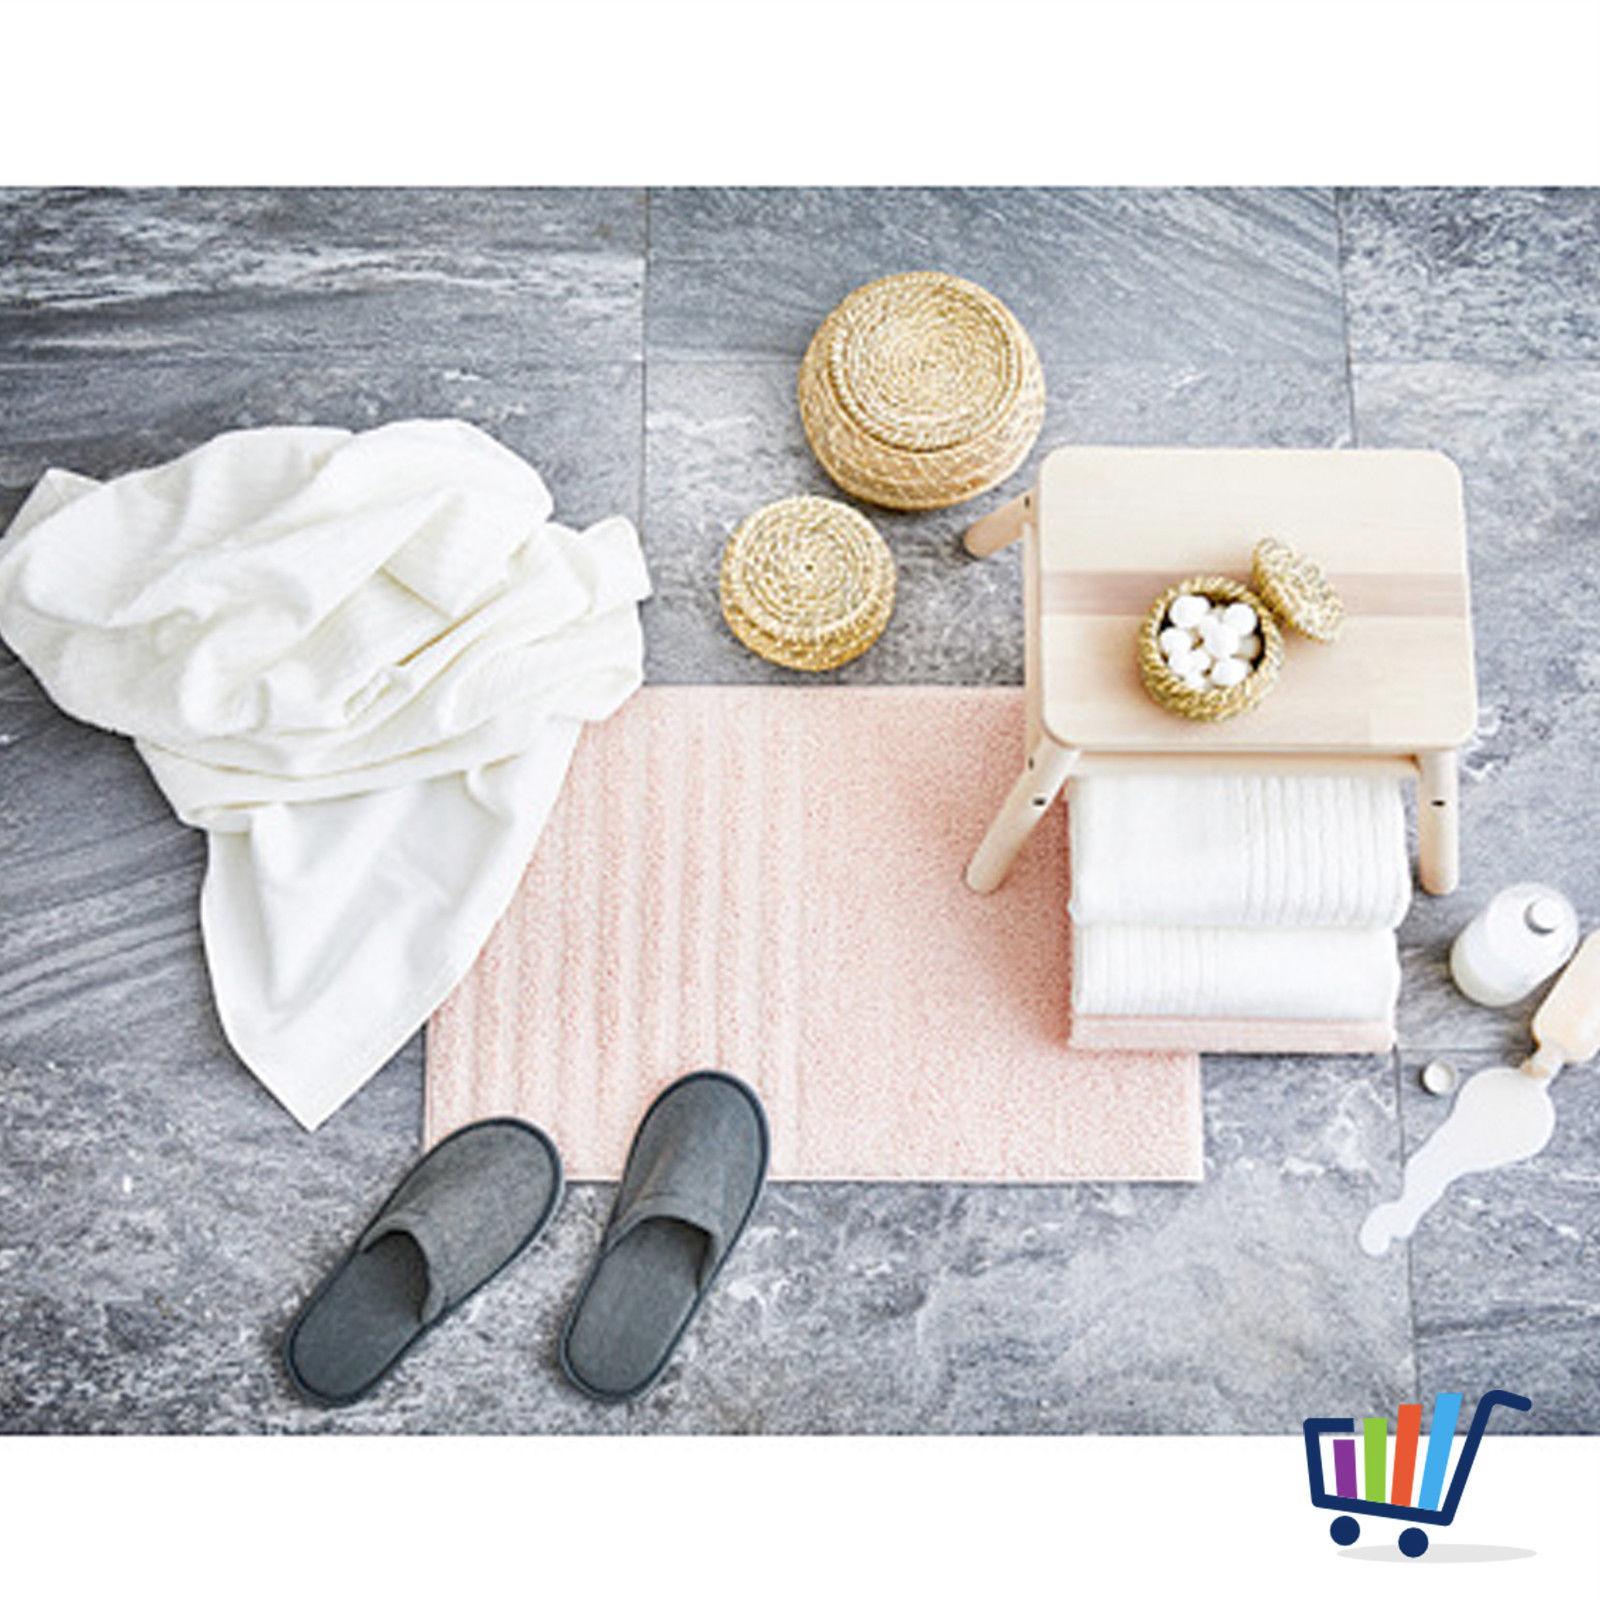 badematte holz ikea badematten so werten sie ihr badezimmer auf q die besten 25 badematte holz. Black Bedroom Furniture Sets. Home Design Ideas